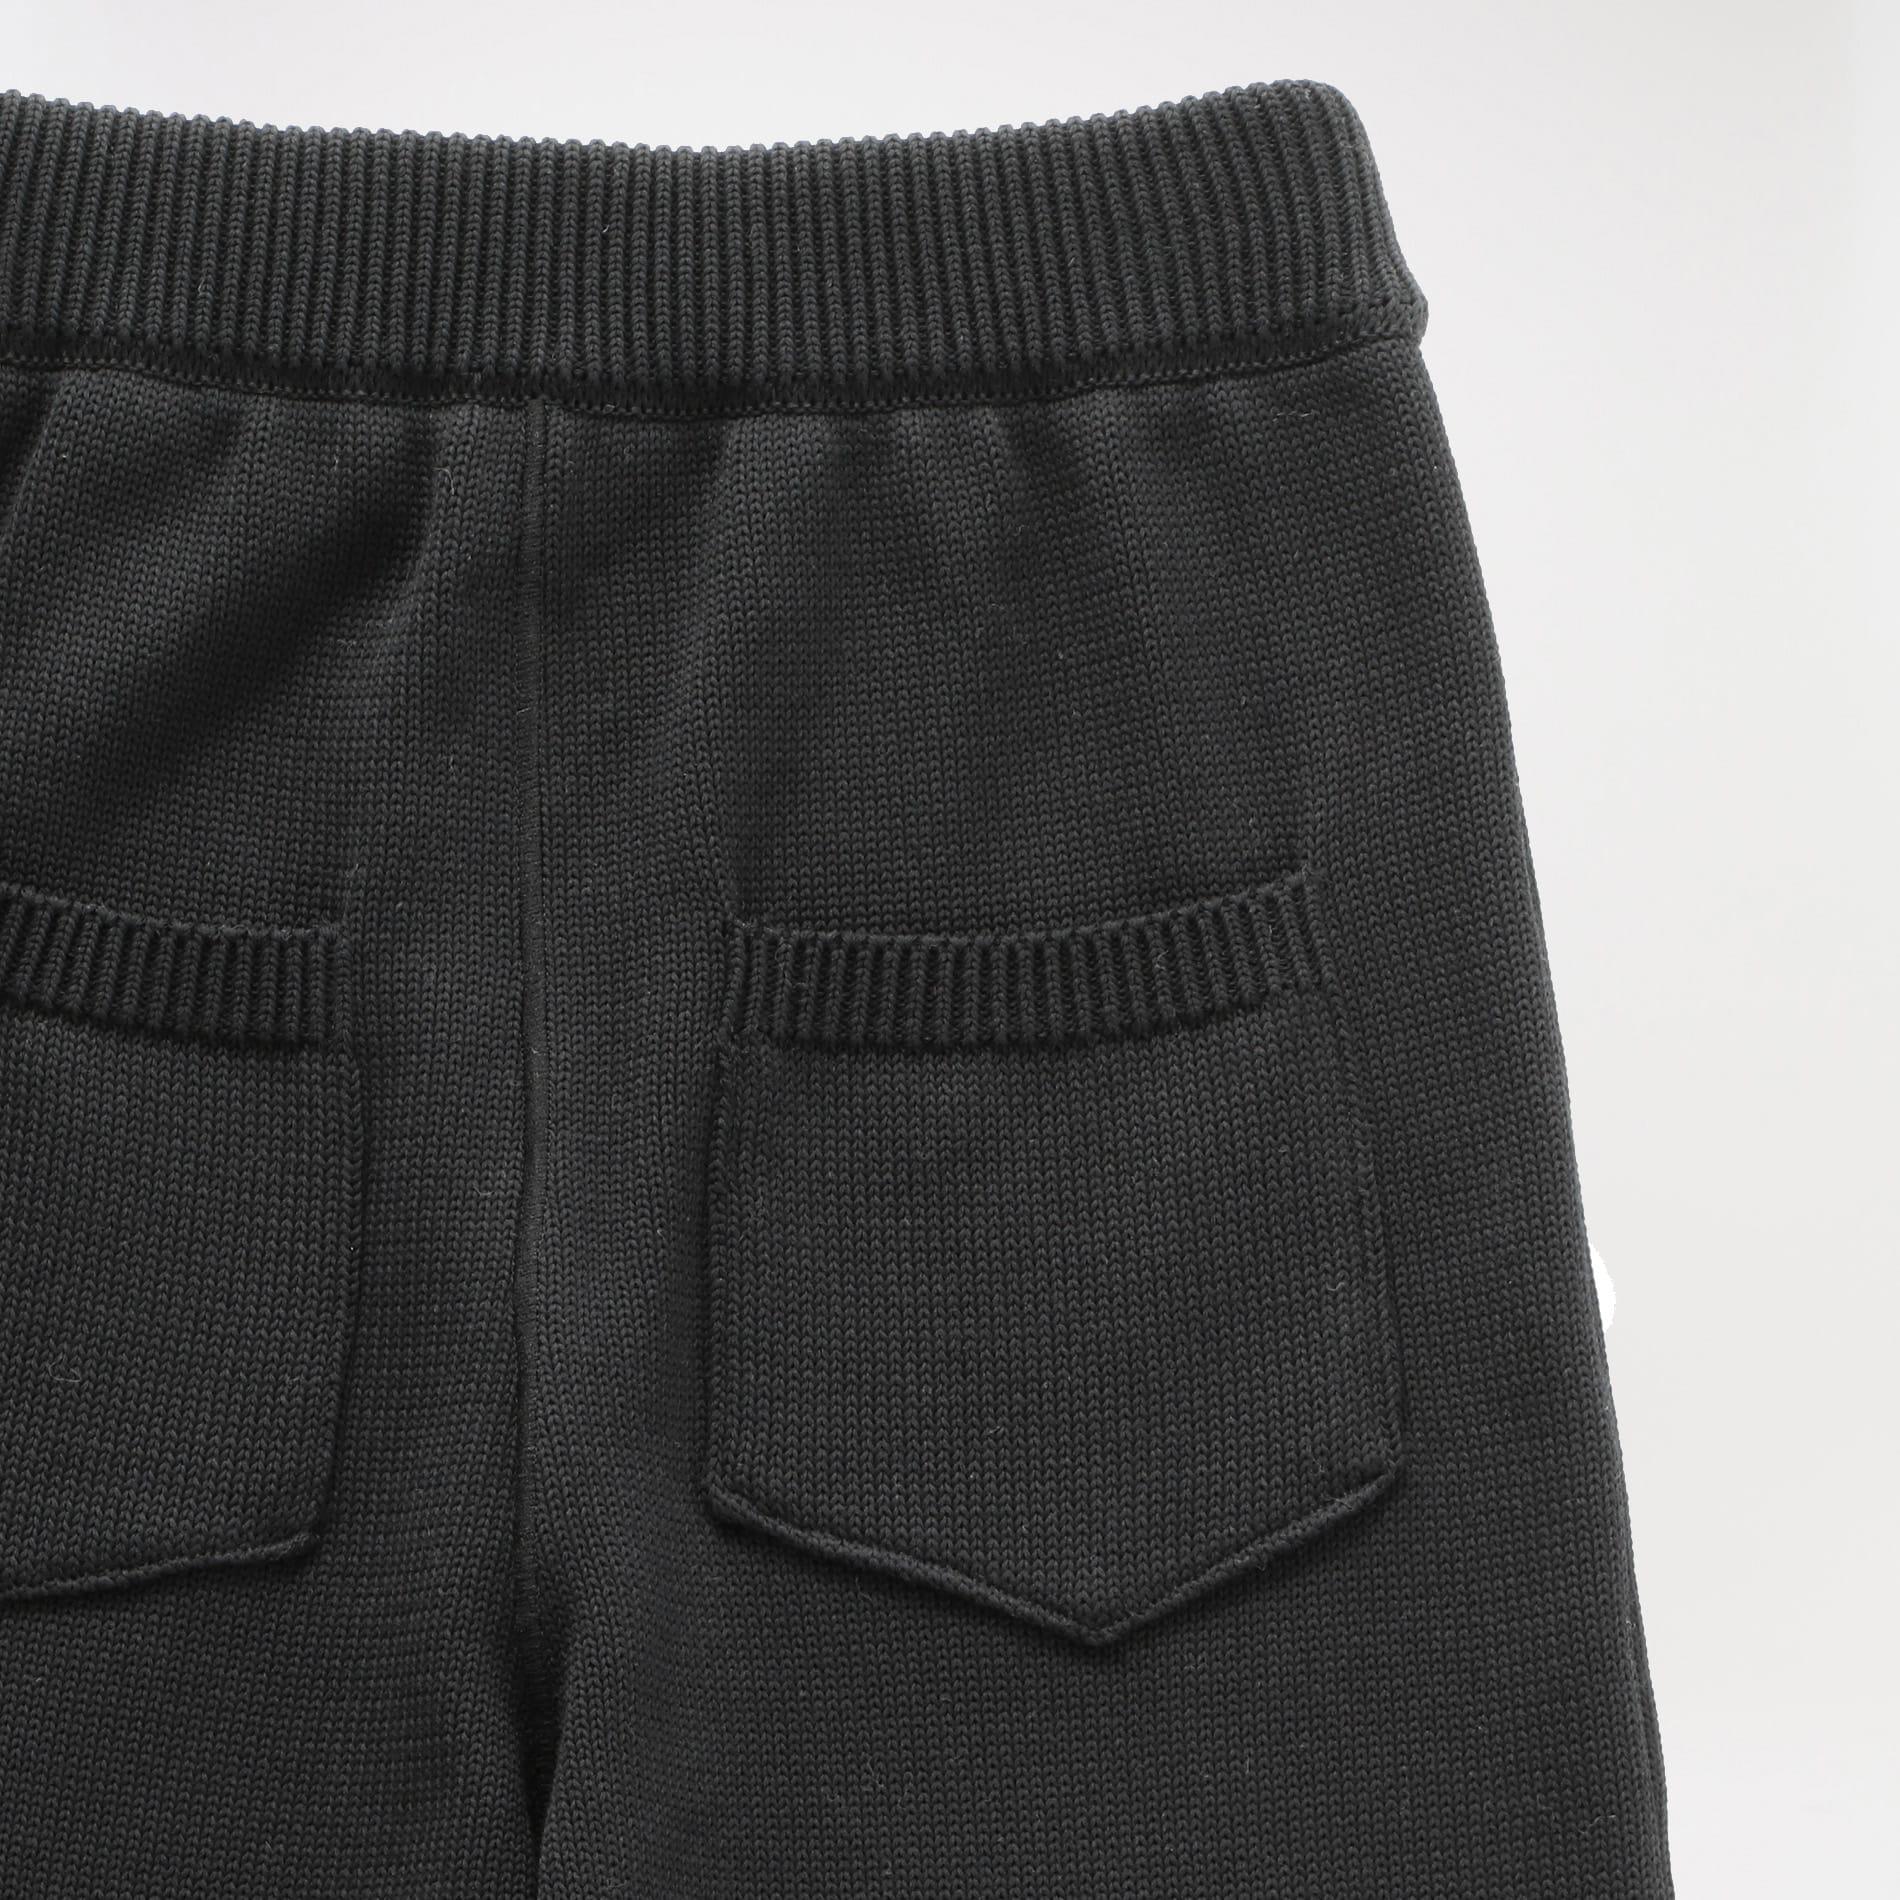 【yuumi ARIA】WOMEN HOLE KNIT PANTS 201-AK008